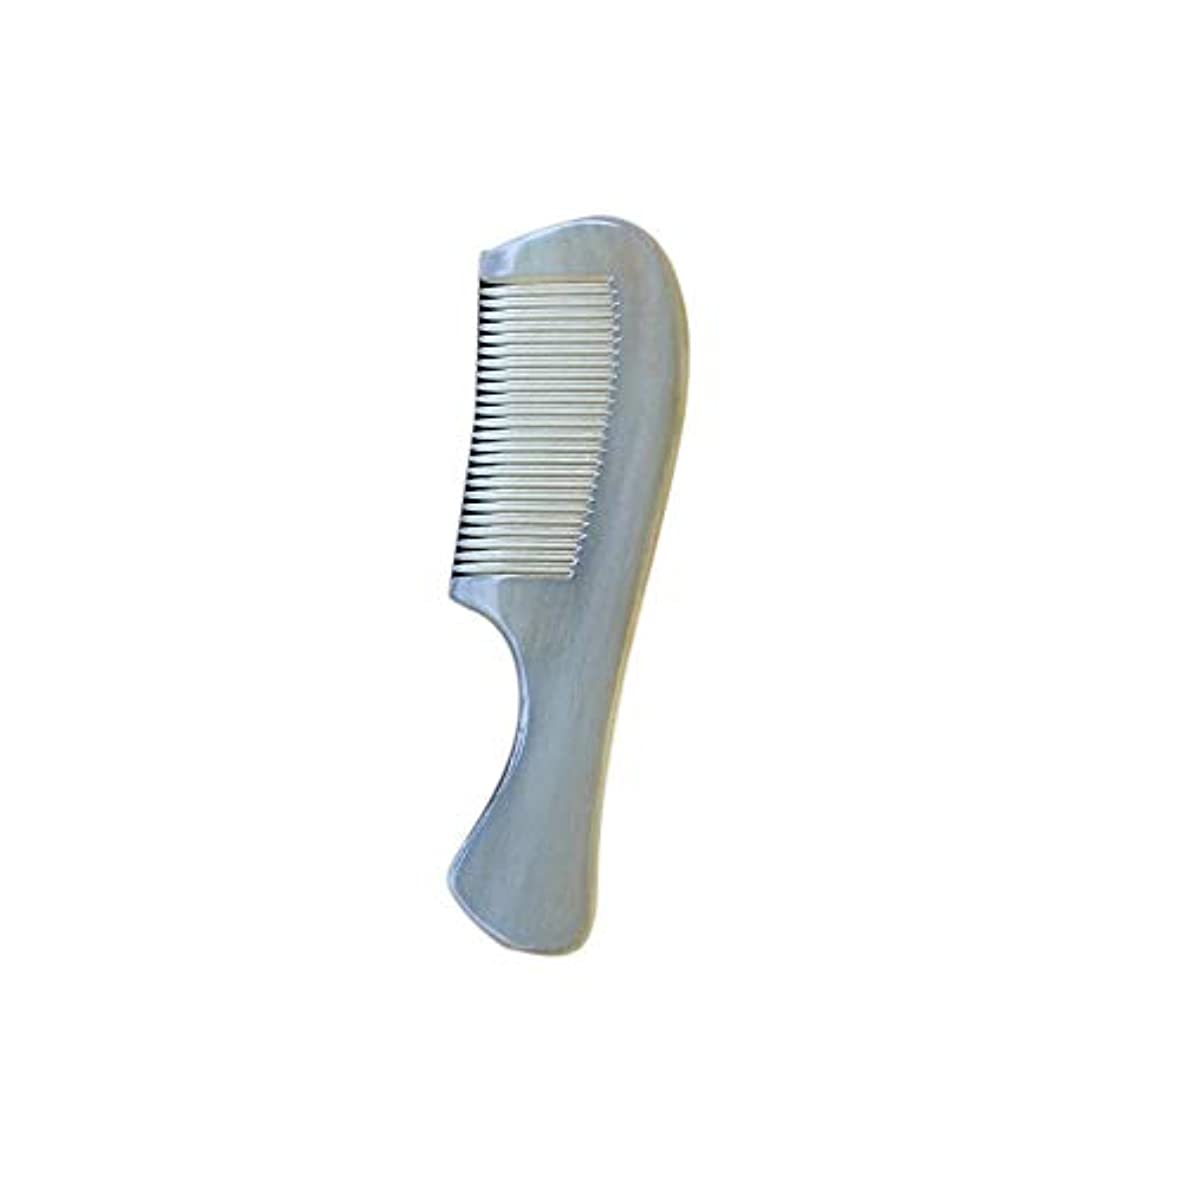 ジョージハンブリー信じられない接ぎ木WASAIO 羊の角の櫛手作りの木製抗静的カーリーストレートヘアブラシブラシナチュラルノーワイド歯髪のポケットマッサージ